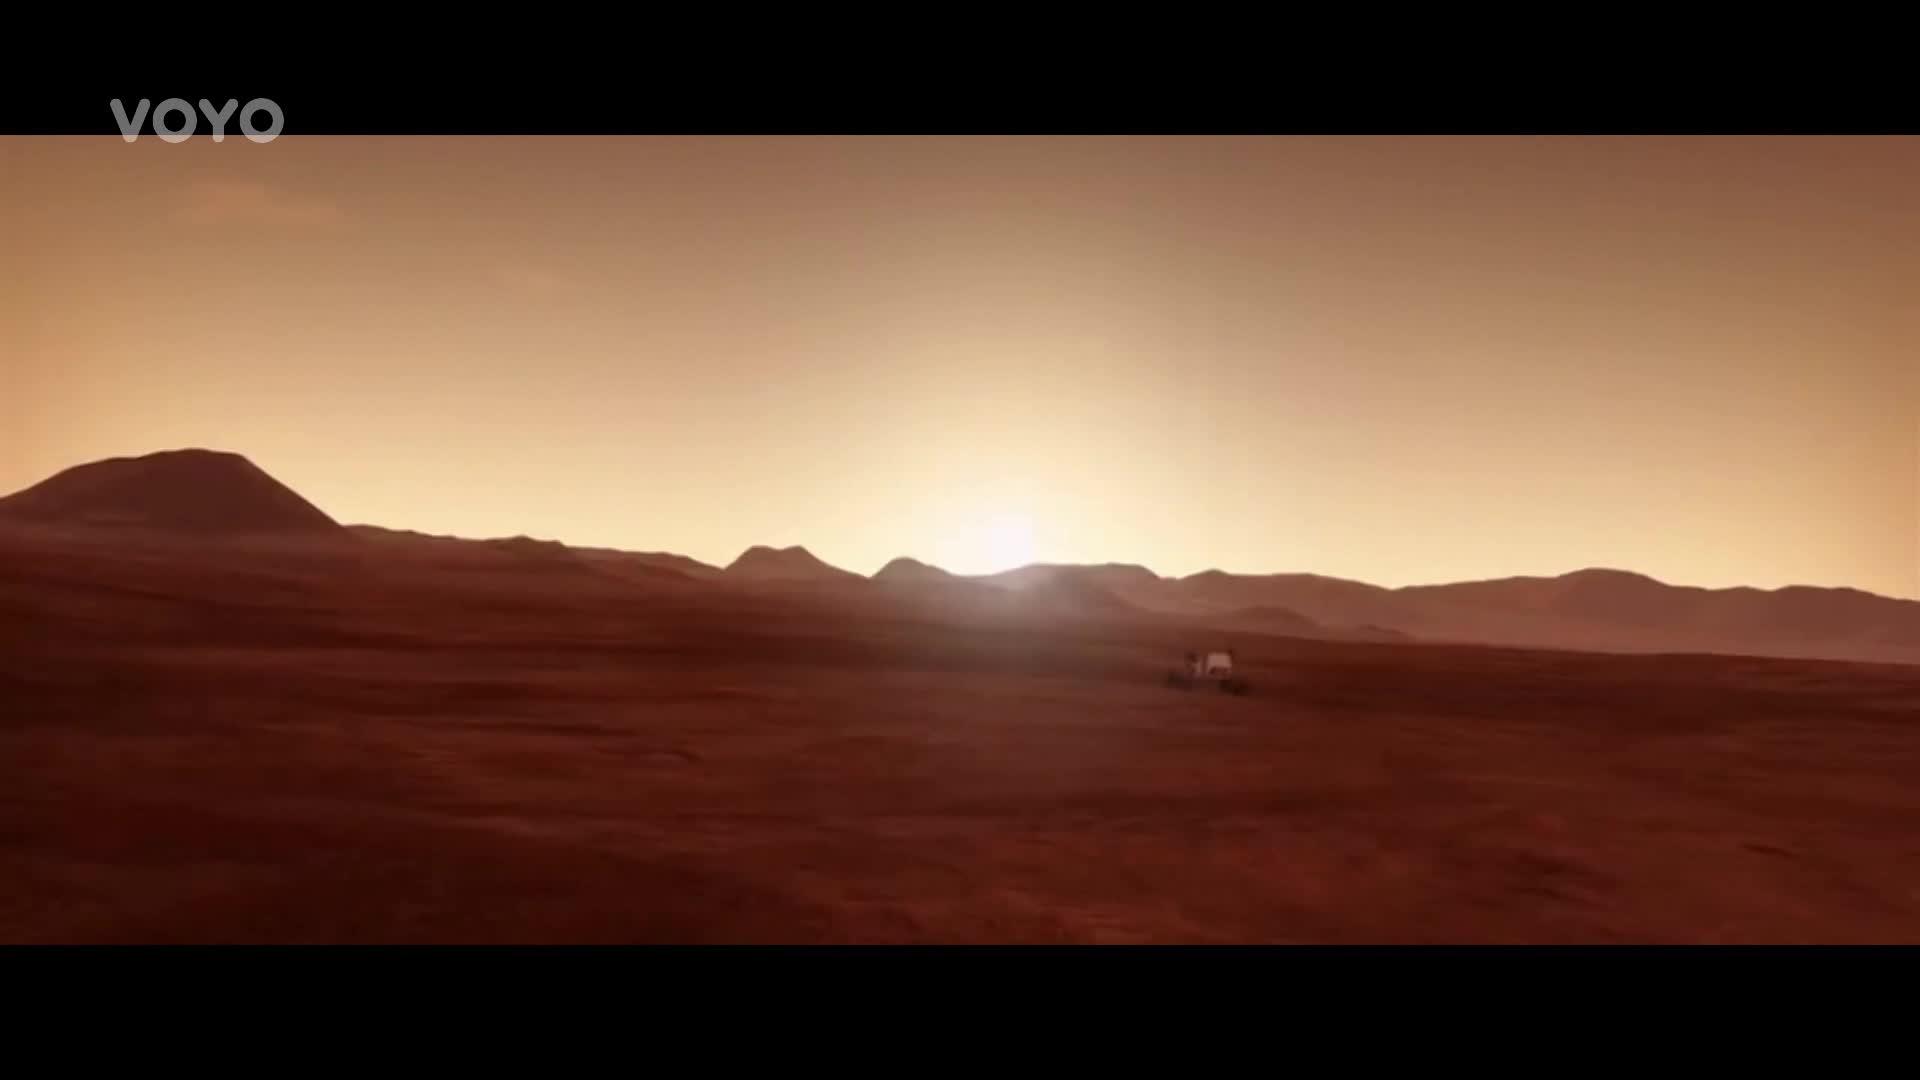 Kdy se budou po Marsu procházet první lidé? Sci-fi představy se stávají realitou